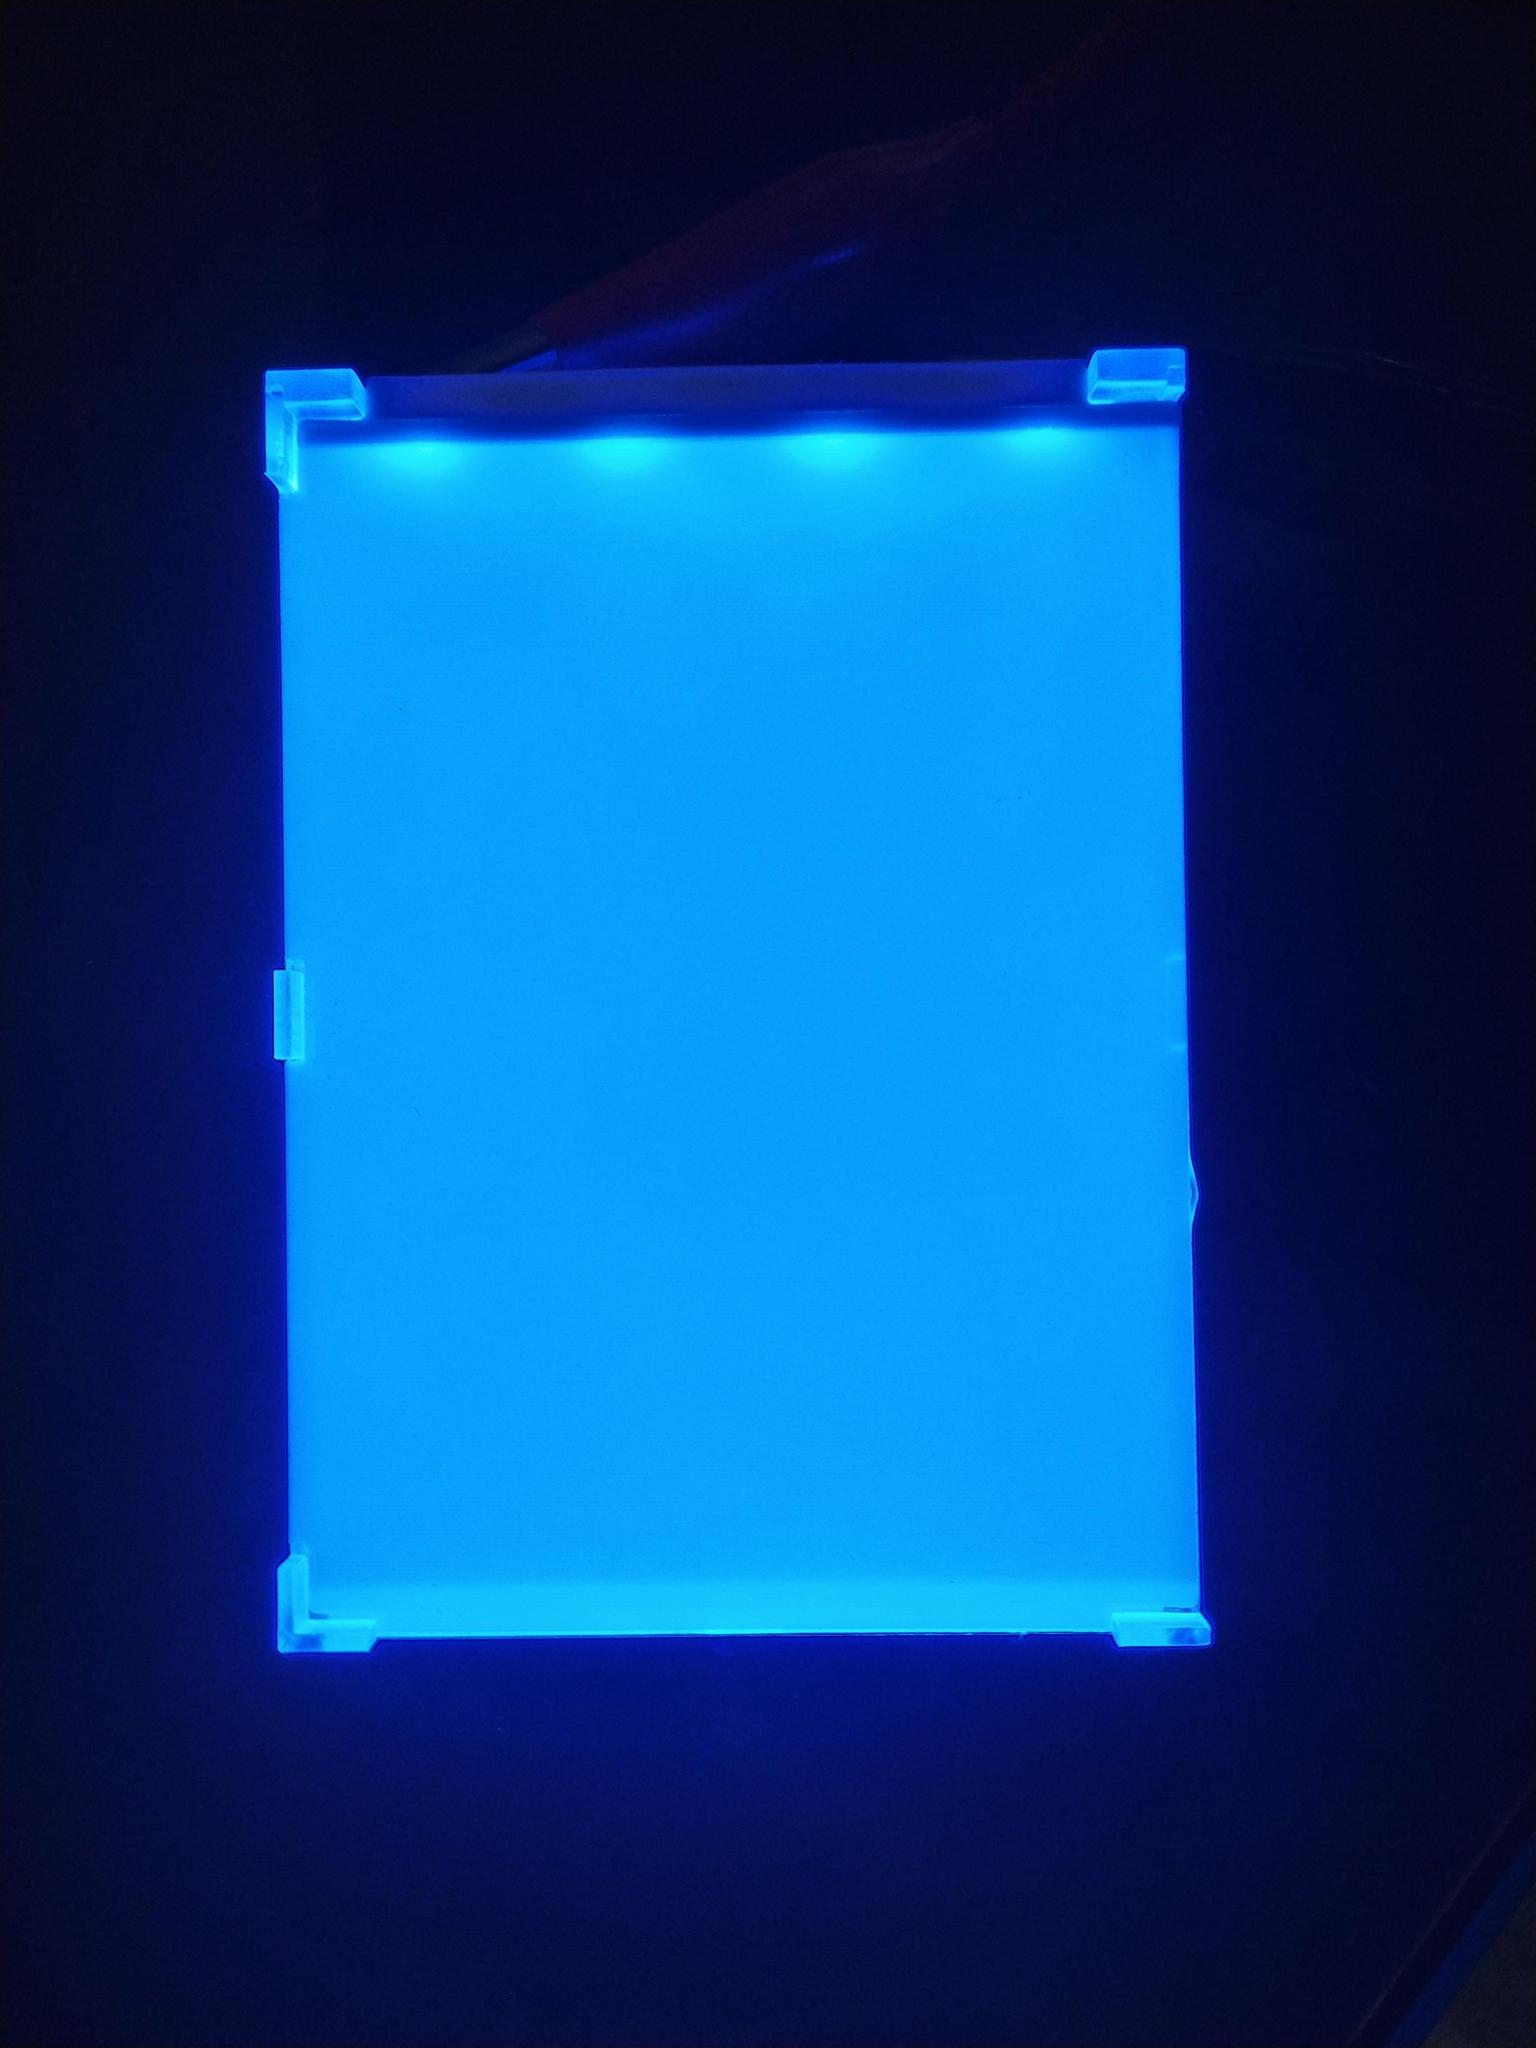 成都思進廠家定製供應藍色高亮LED背光源 3